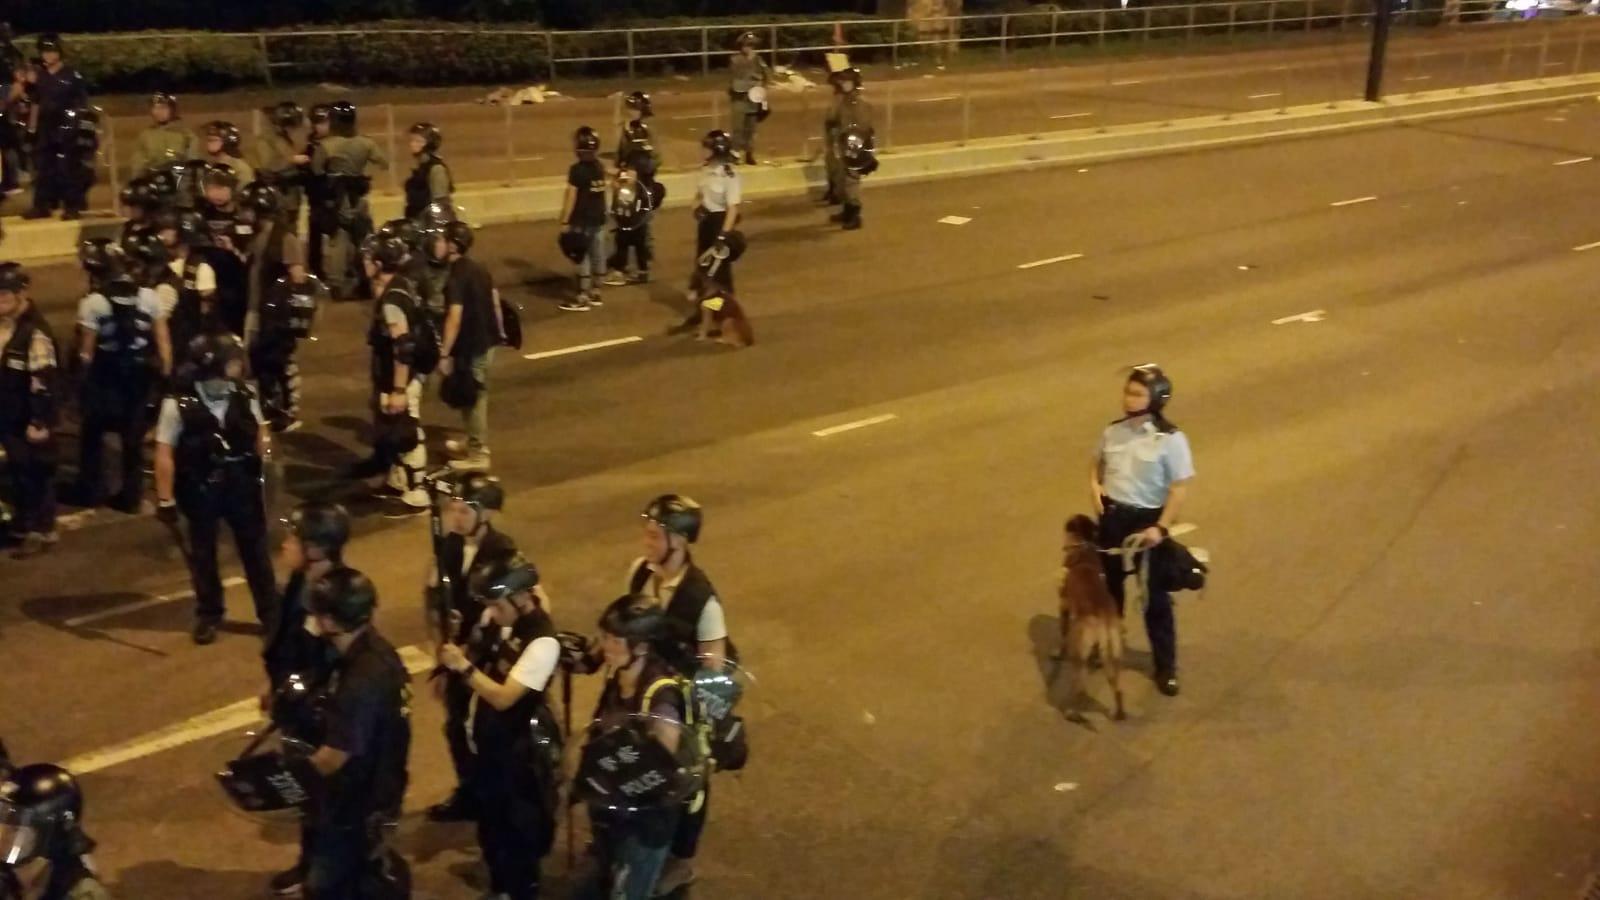 警察出動警犬